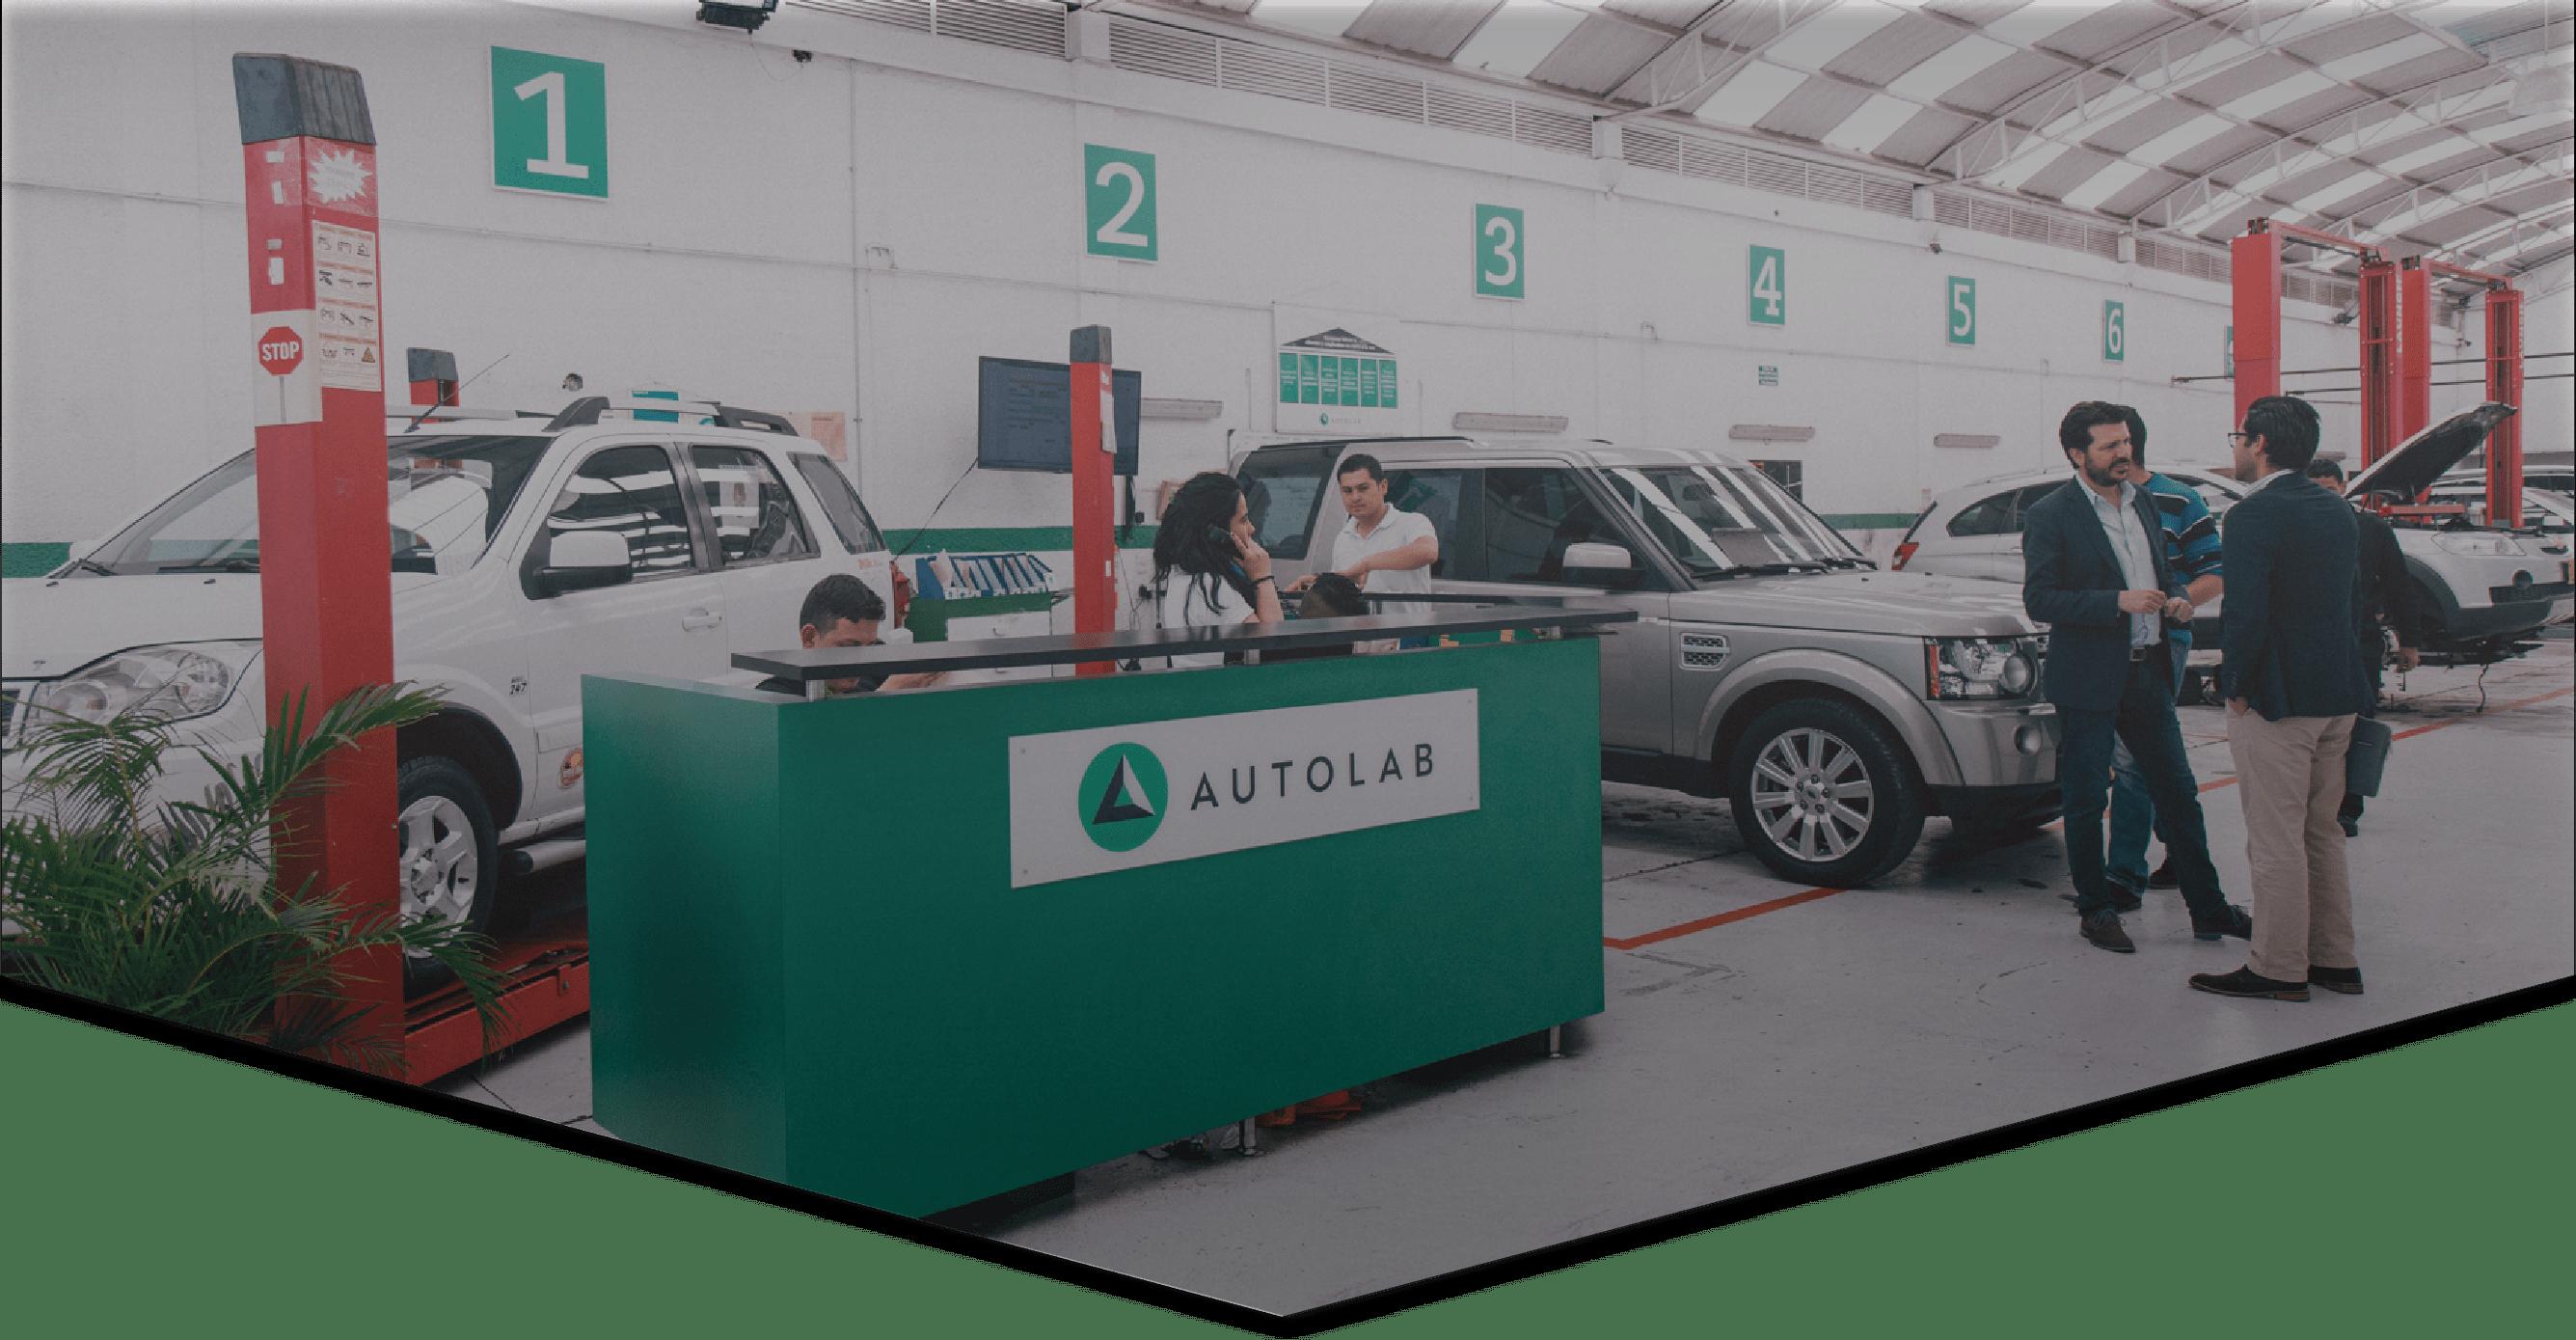 Taller de Autolab con clientes y carros